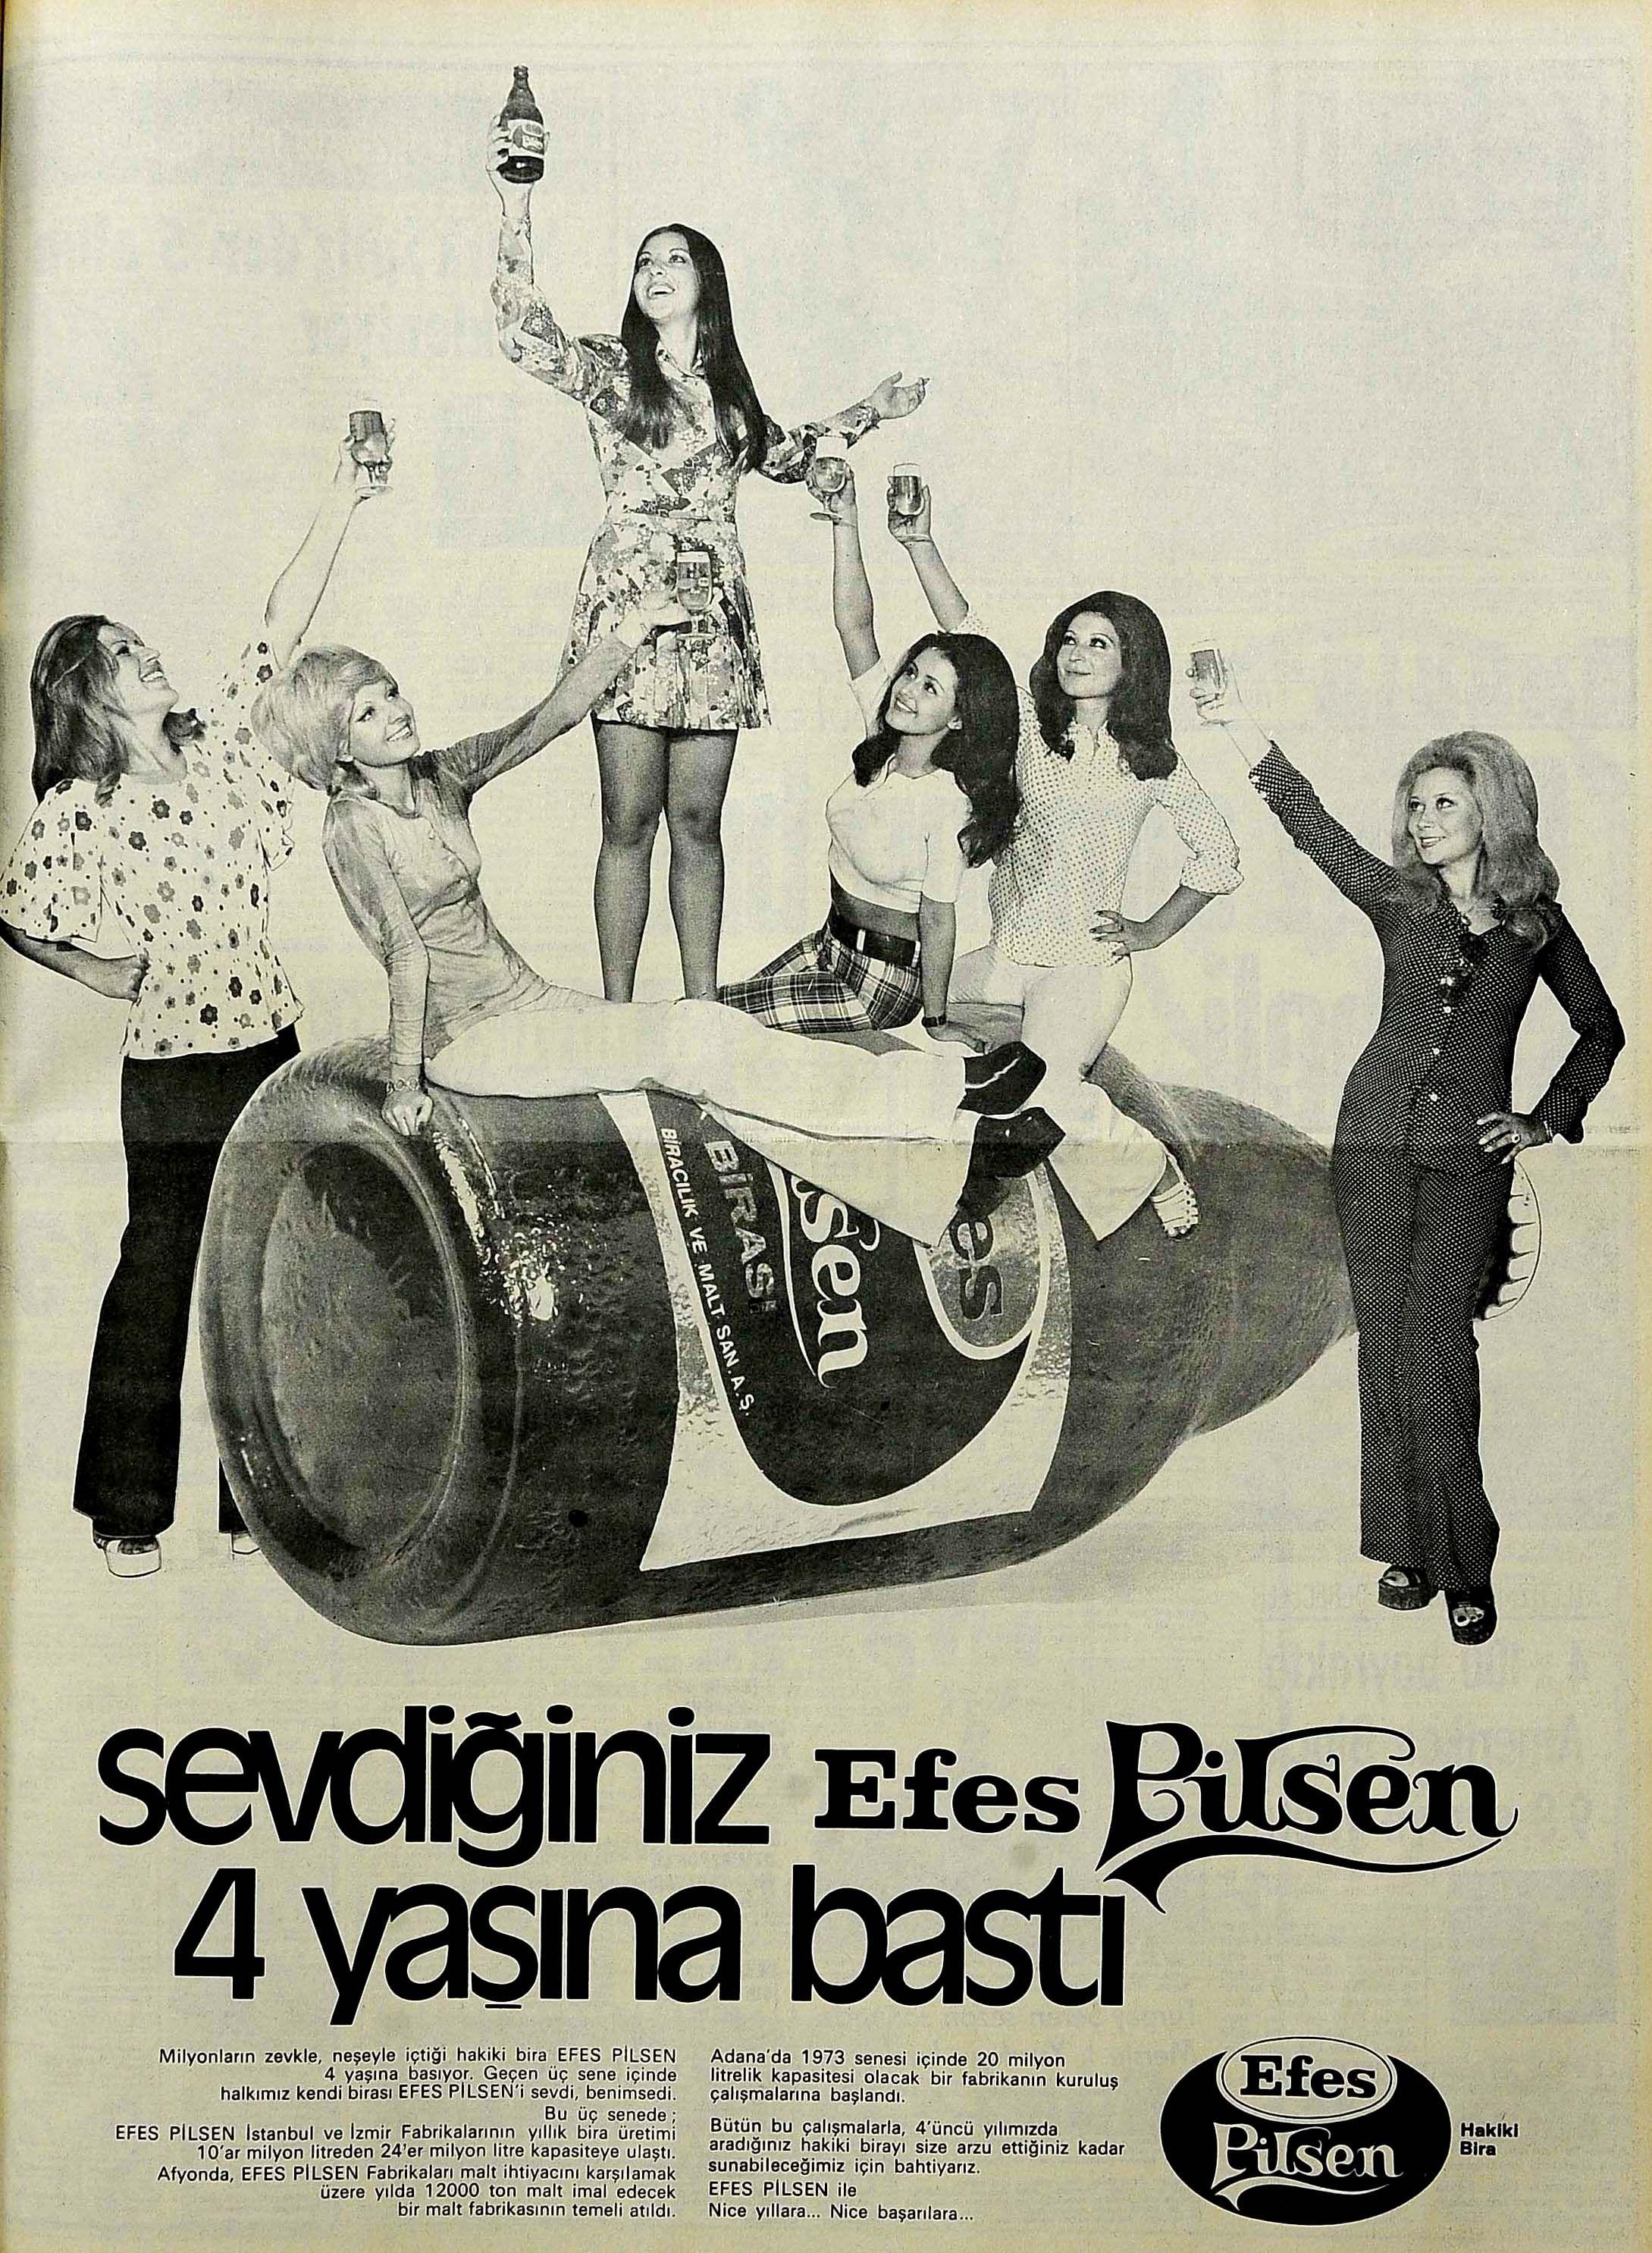 Efes Pilsen The Beer Of Choice In Turkey Klasik Reklamlar Reklam Antika Seyahat Posterleri